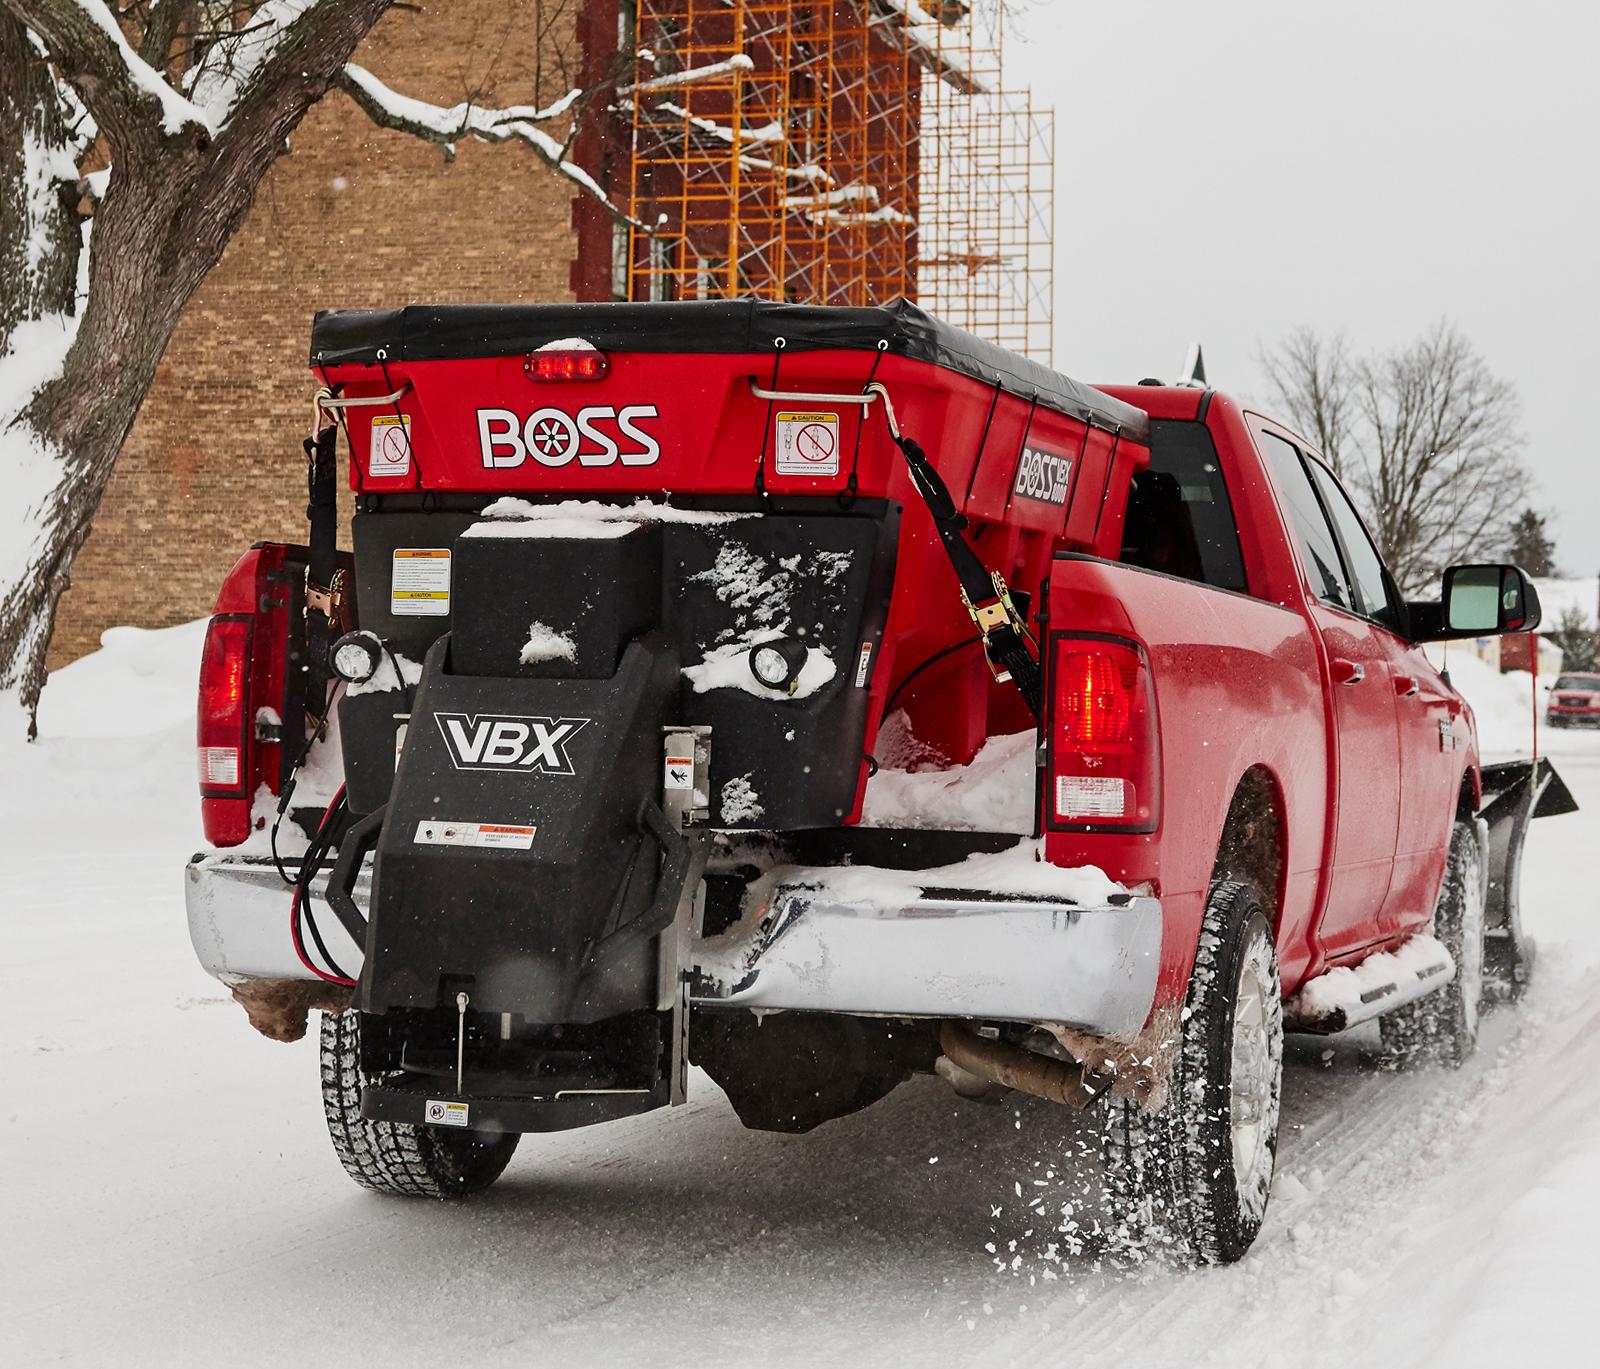 Boss Snowplow Vbx Spreaders Tarp Gear Motor 12 Volt Wiring Diagram